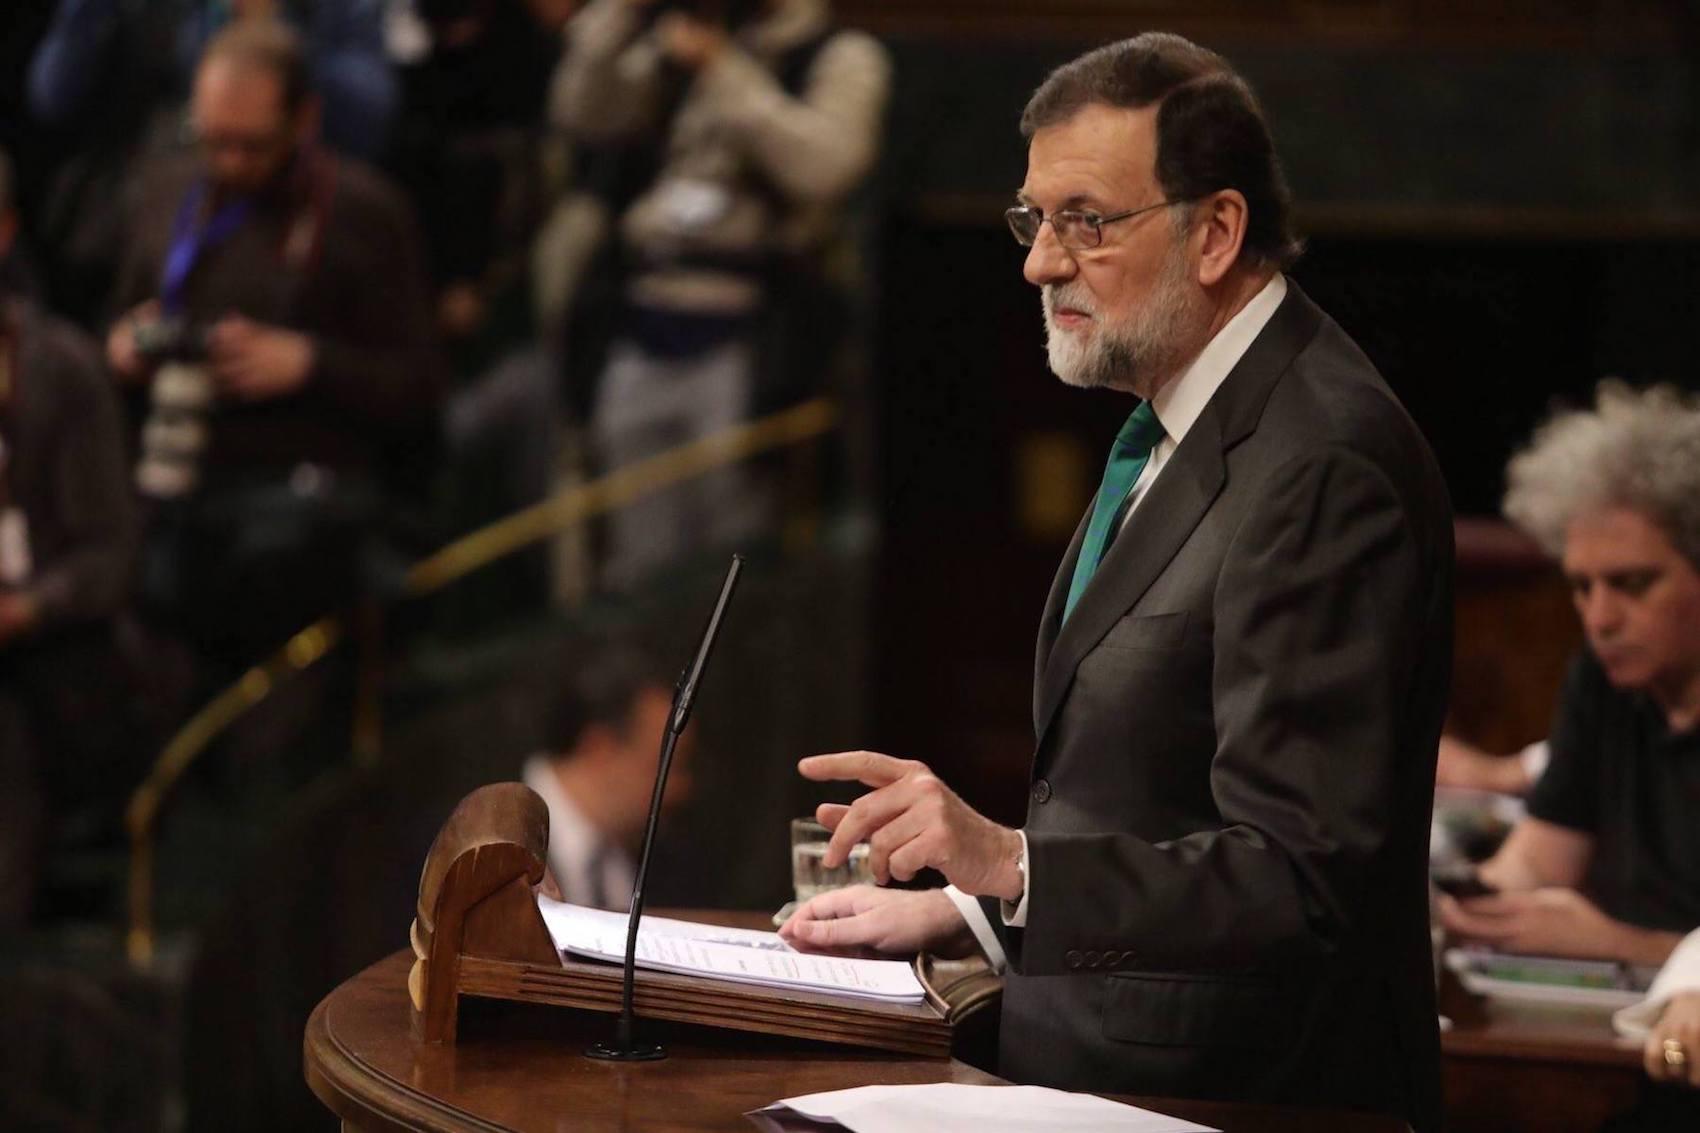 Debate sobre el Estado de la Nación. Rajoy y su discurso fallido, más engreído que nunca, más pétreo que nunca